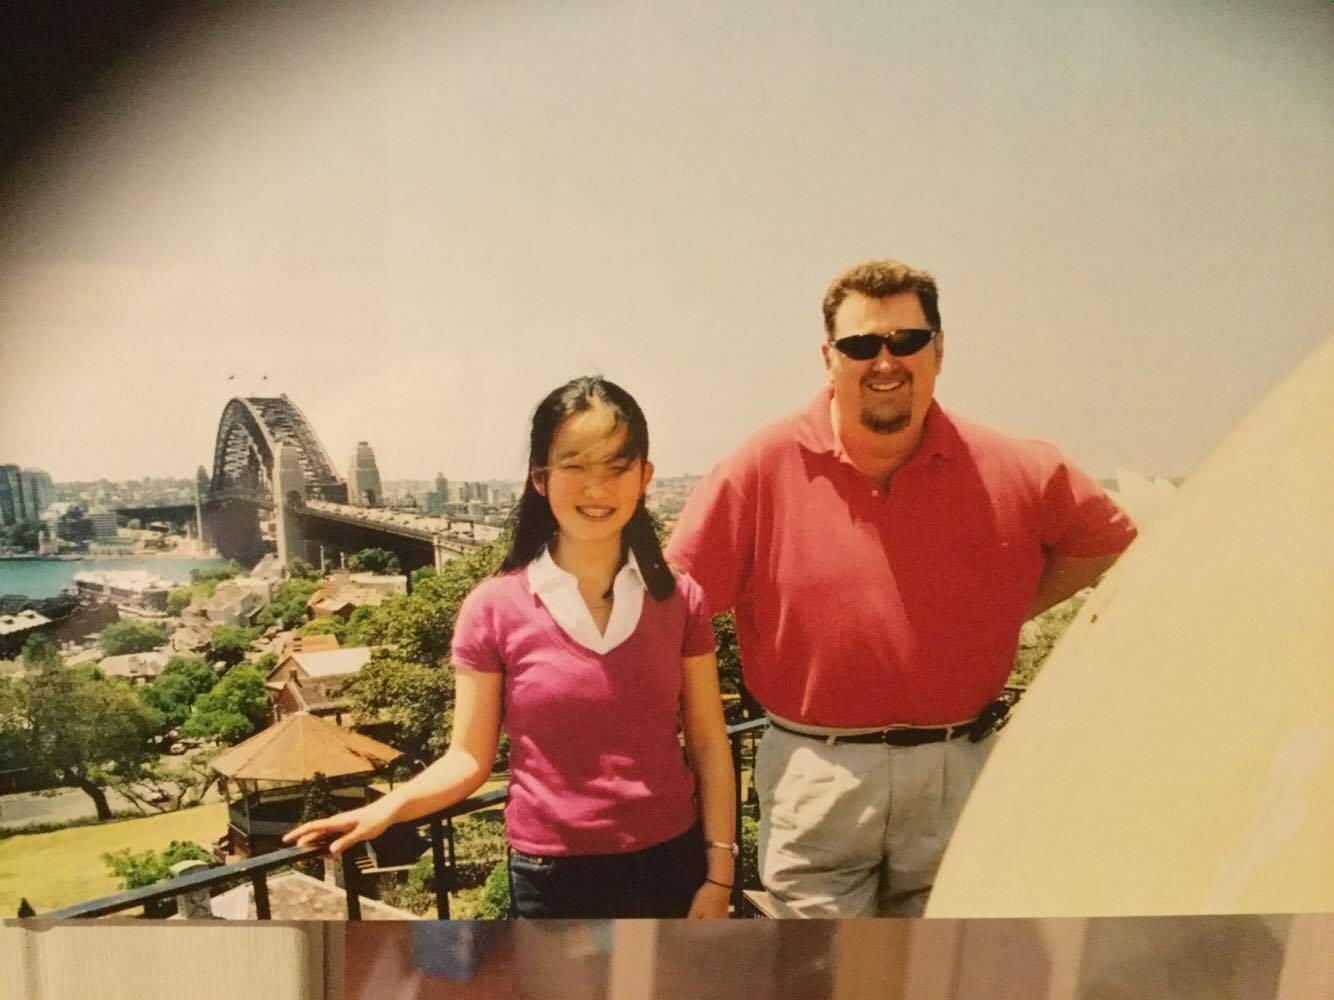 吴迪(左)和Geoff在悉尼天文台。